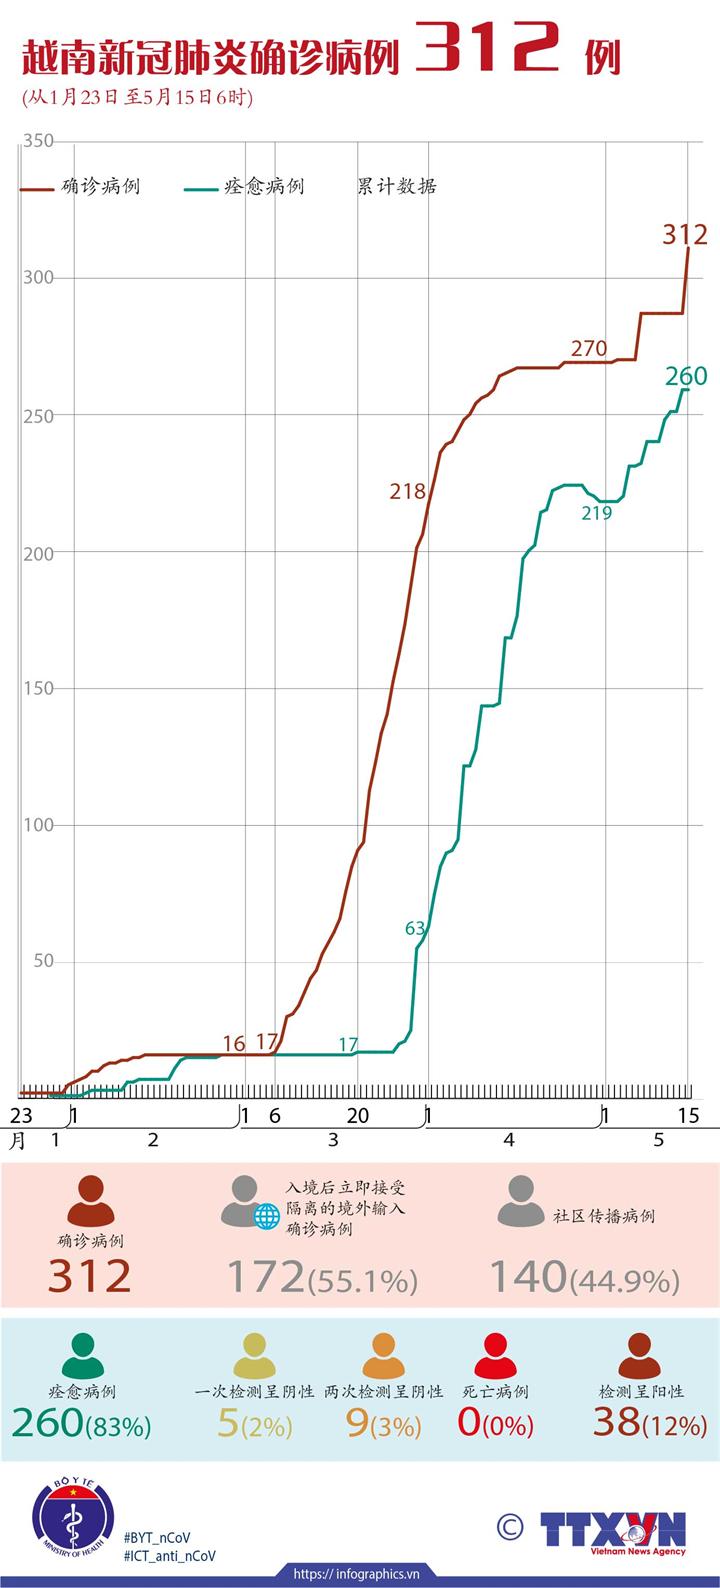 越南新冠肺炎确诊病例 312 例